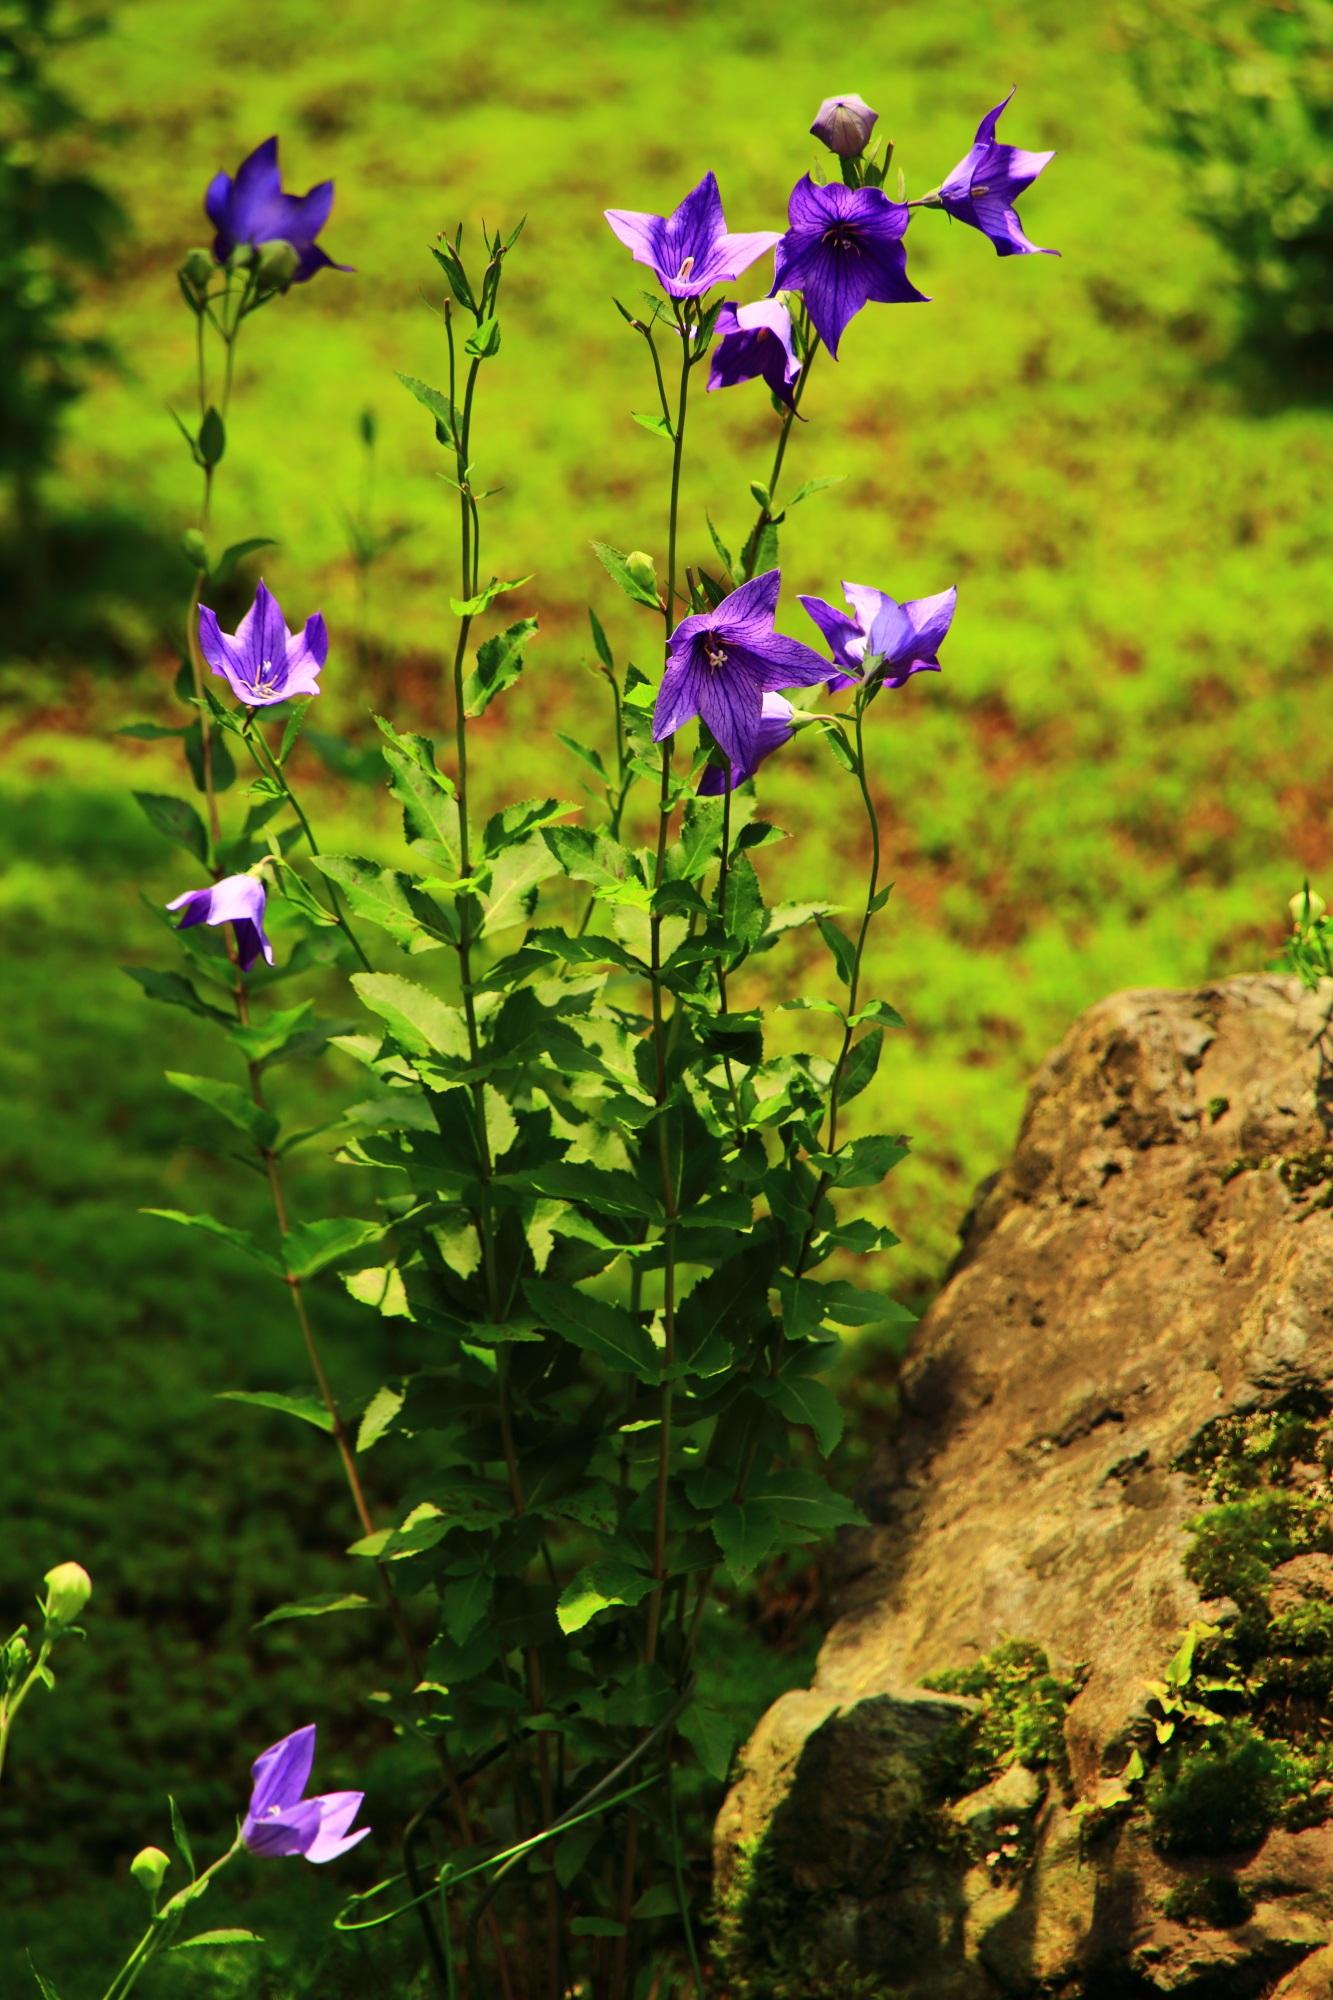 煌く紫の桔梗の花で賑わう「桔梗の寺」